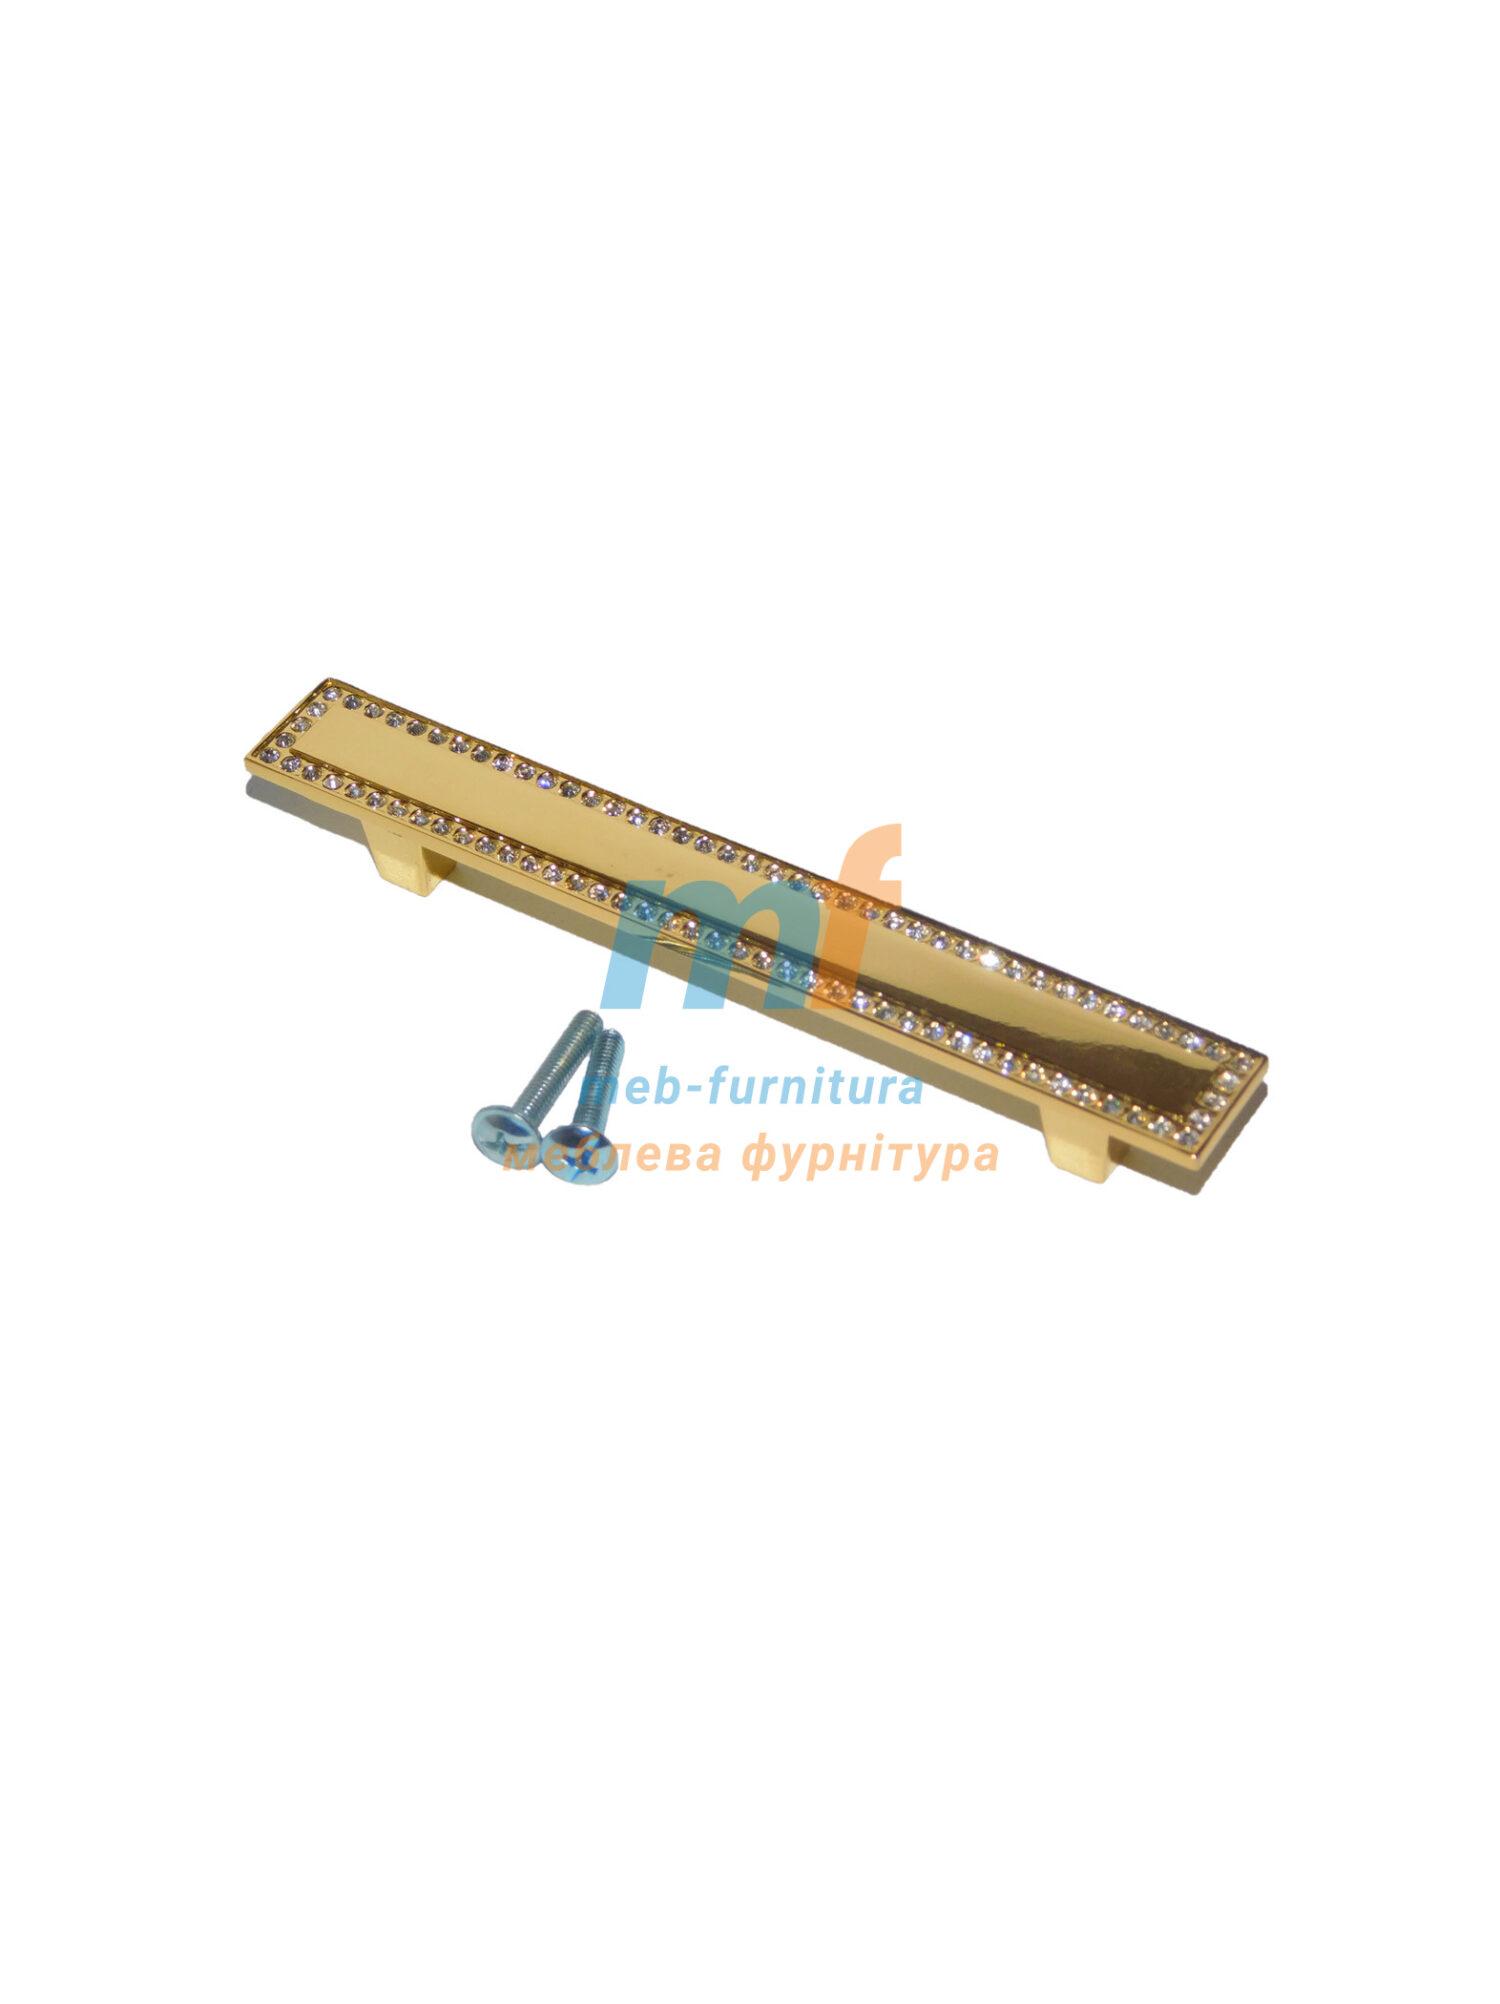 Ручка мебельная KRISTAL 03-128mm Золото